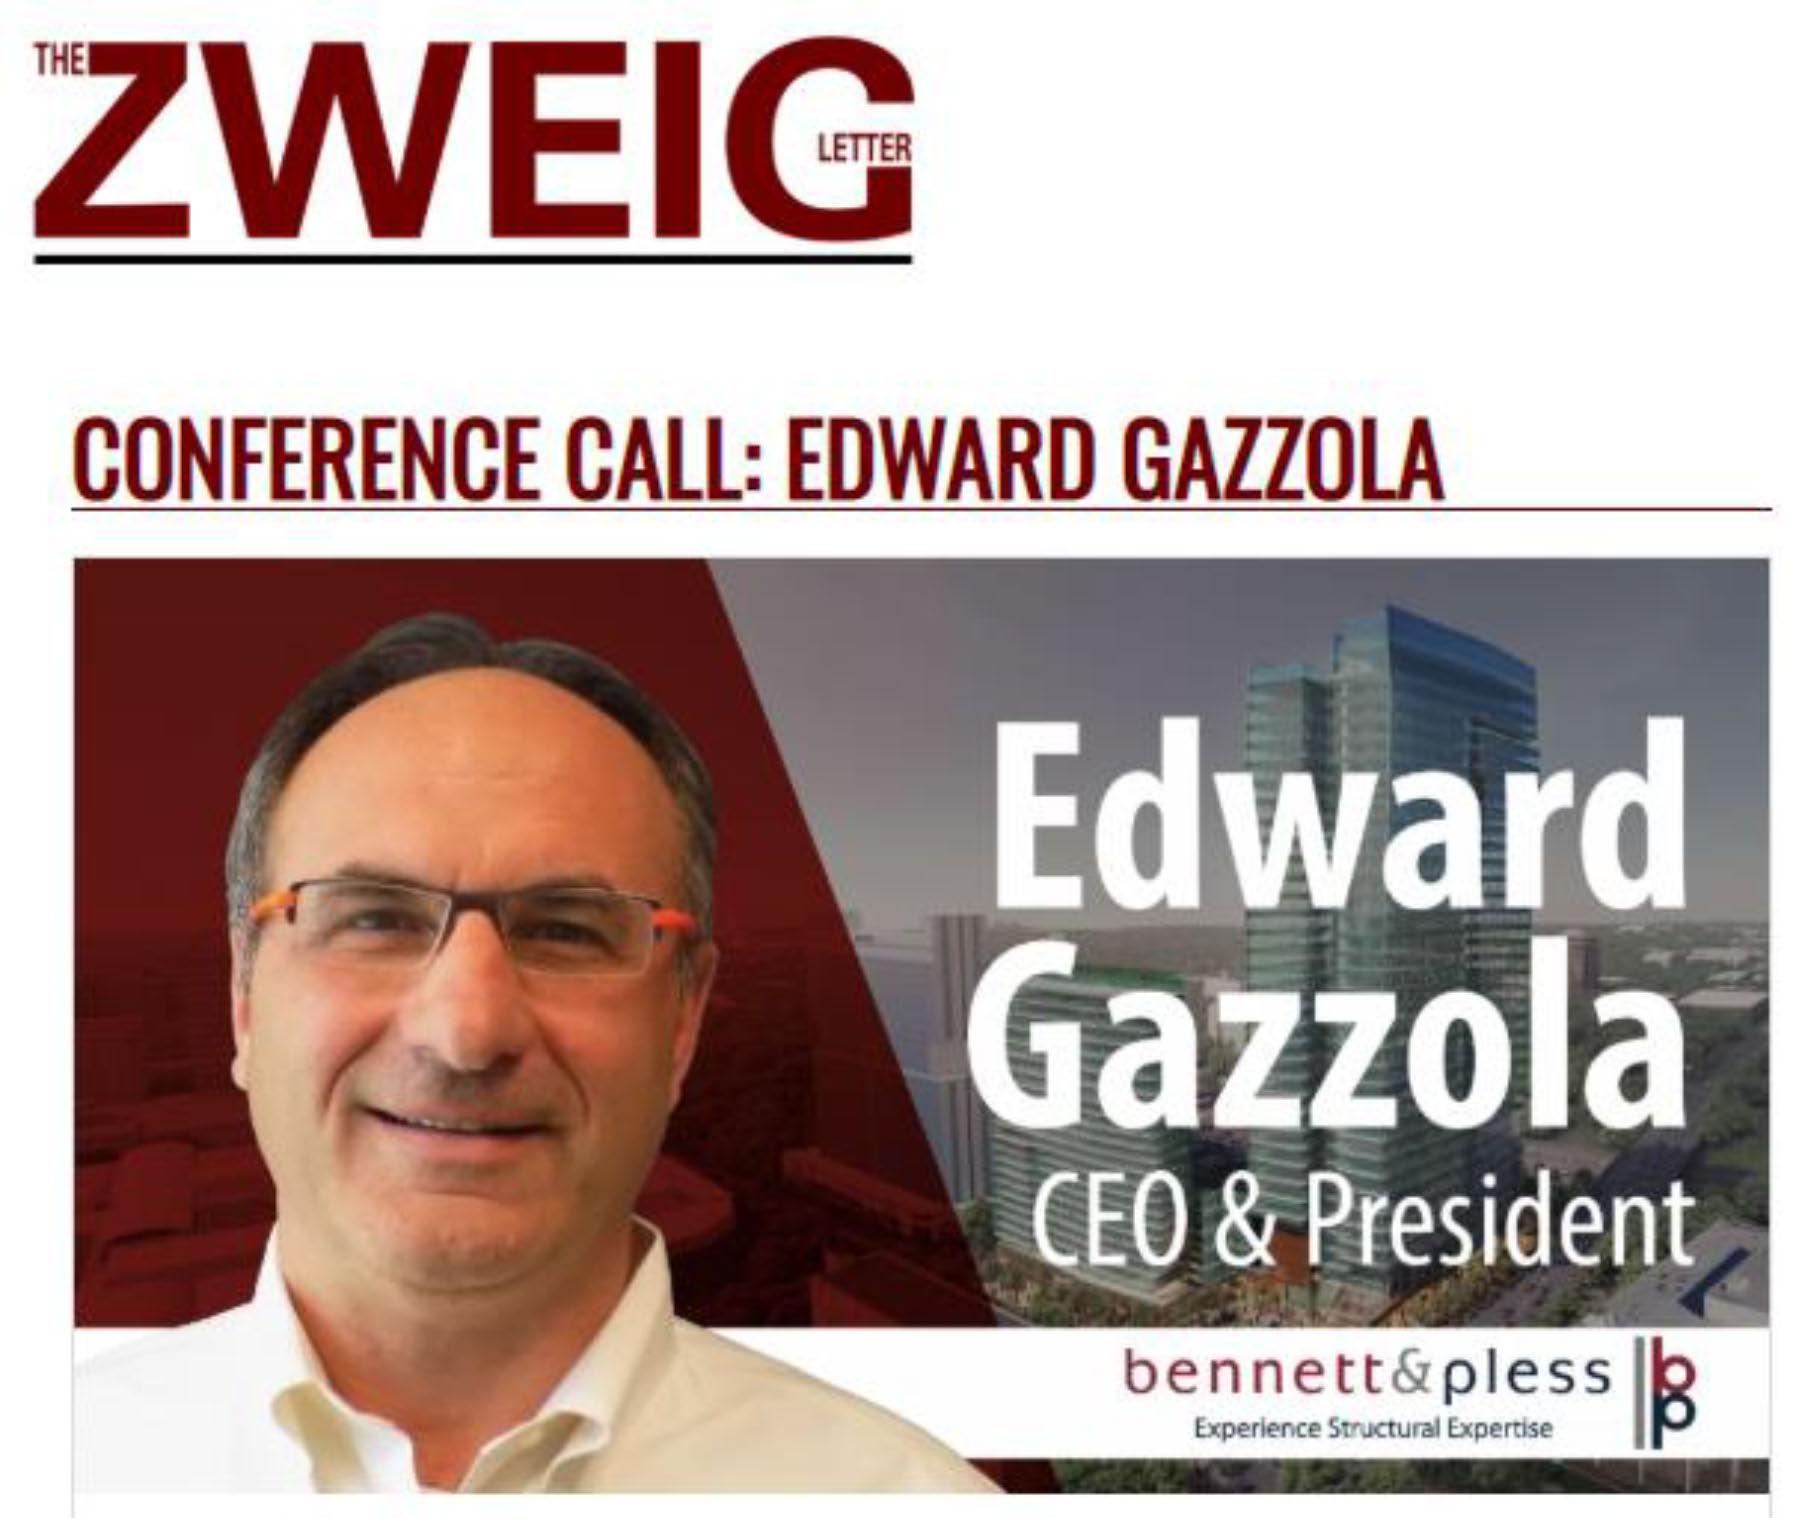 Zweig_article image.jpg